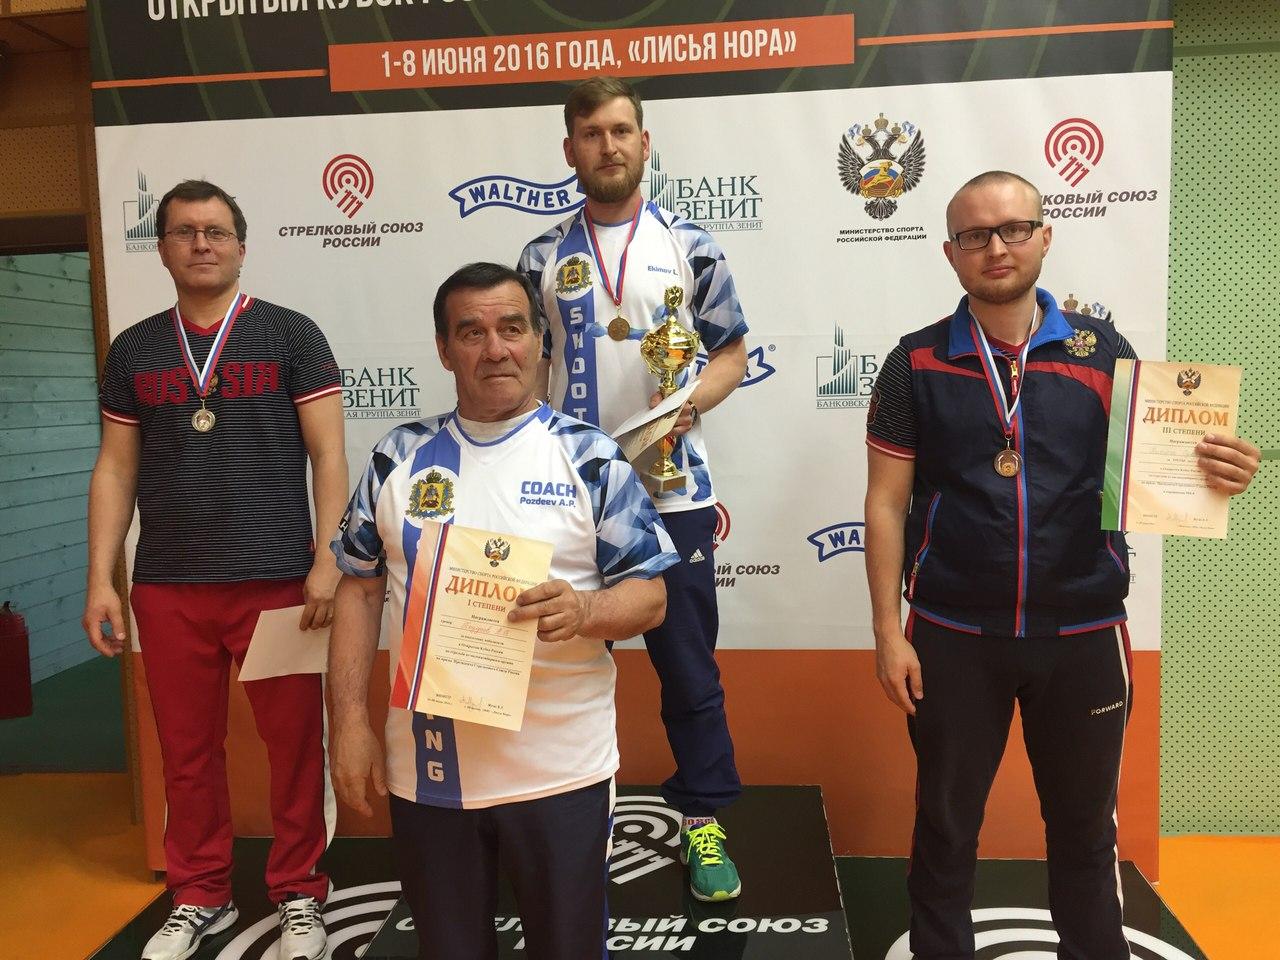 Орловский стрелок стал бронзовым призером КР